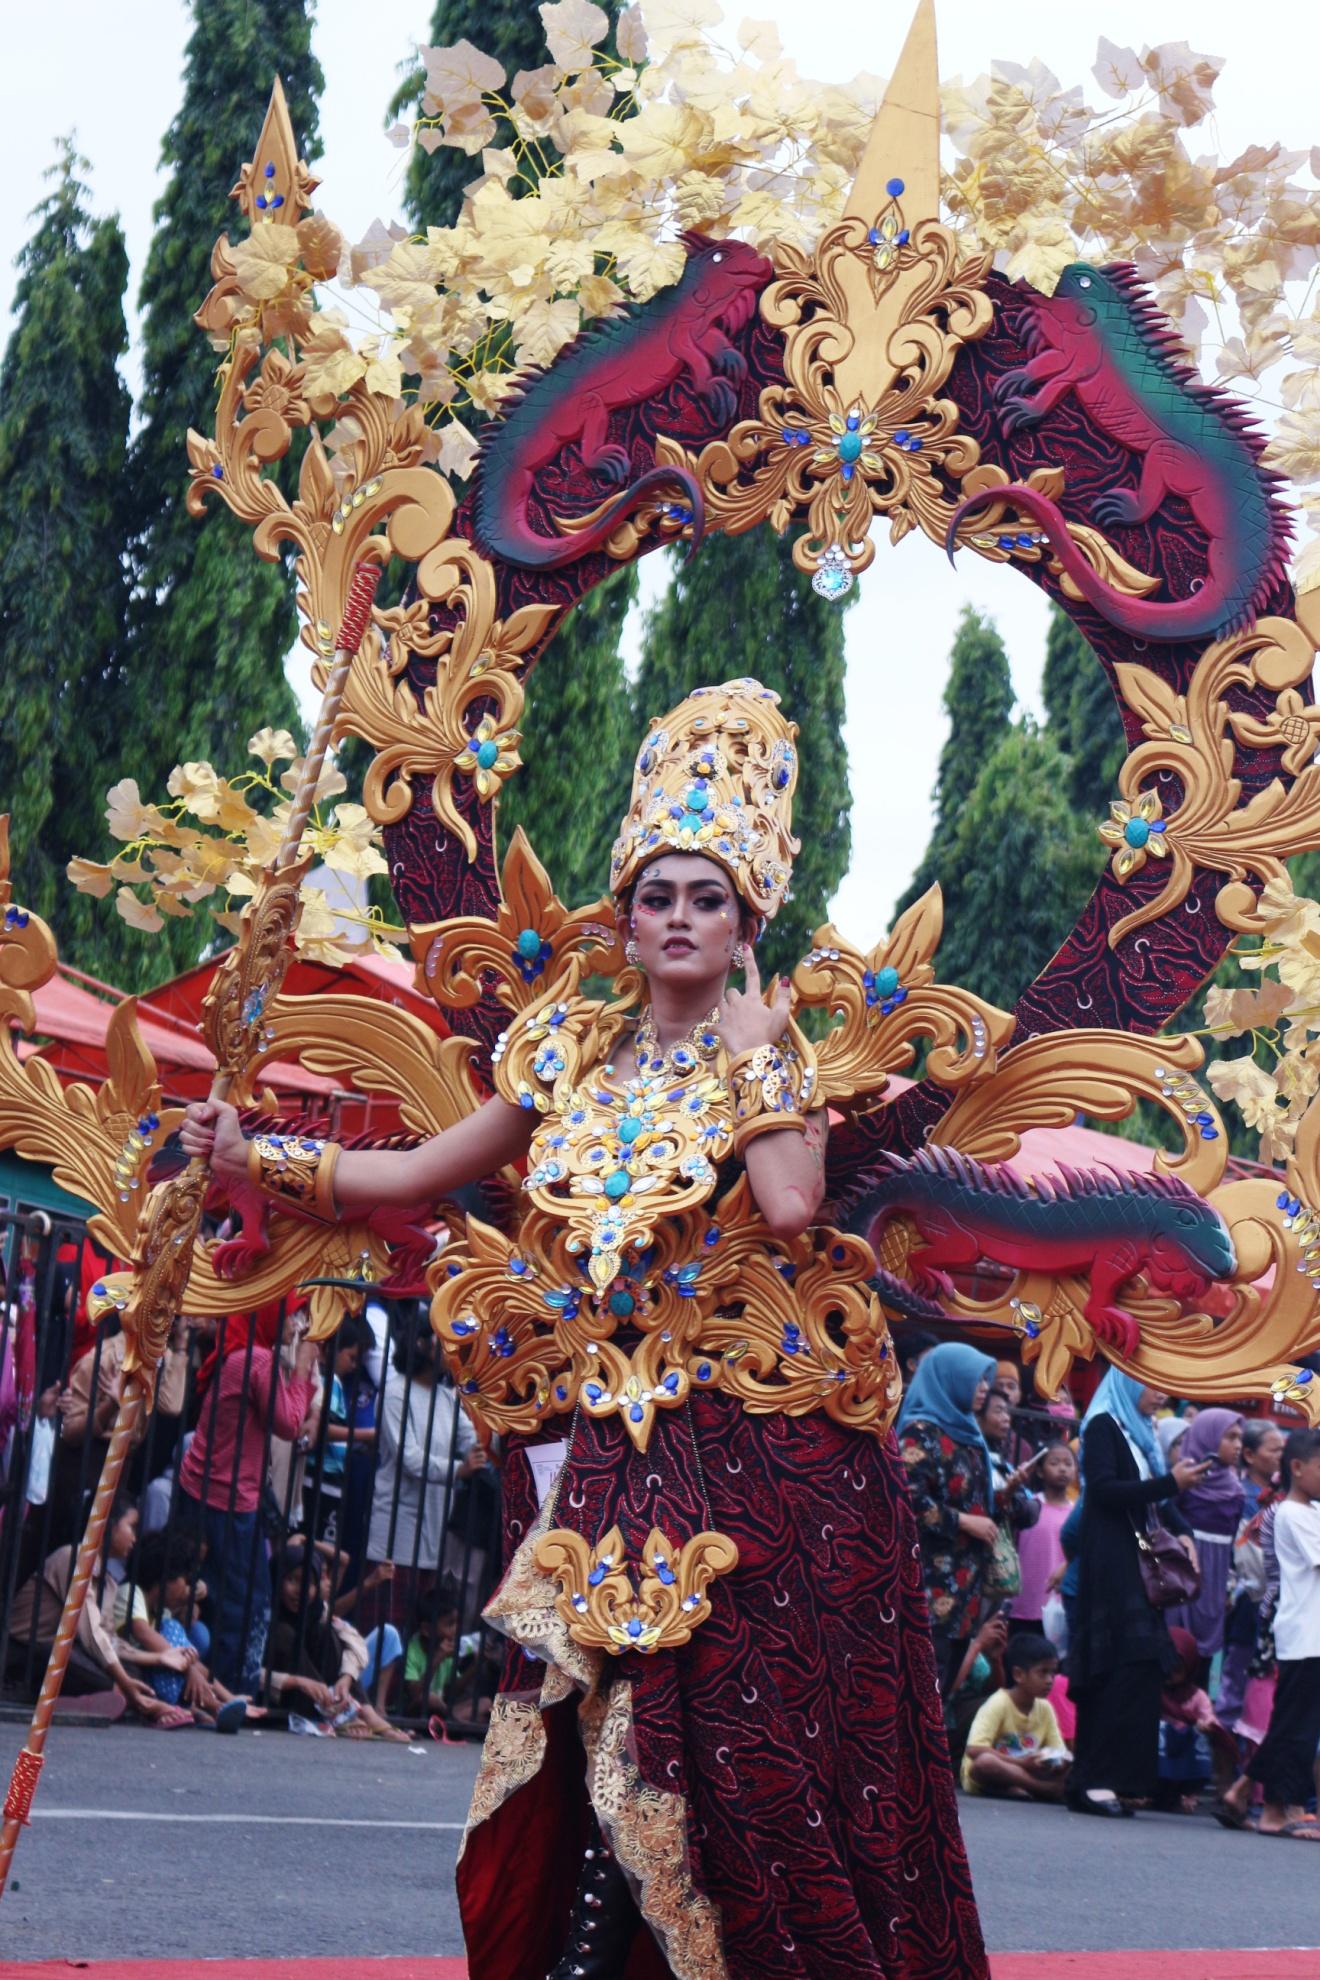 \\programbr-pc\backup foto\FOTO 2018\karnaval batik\IMG_2474.JPG